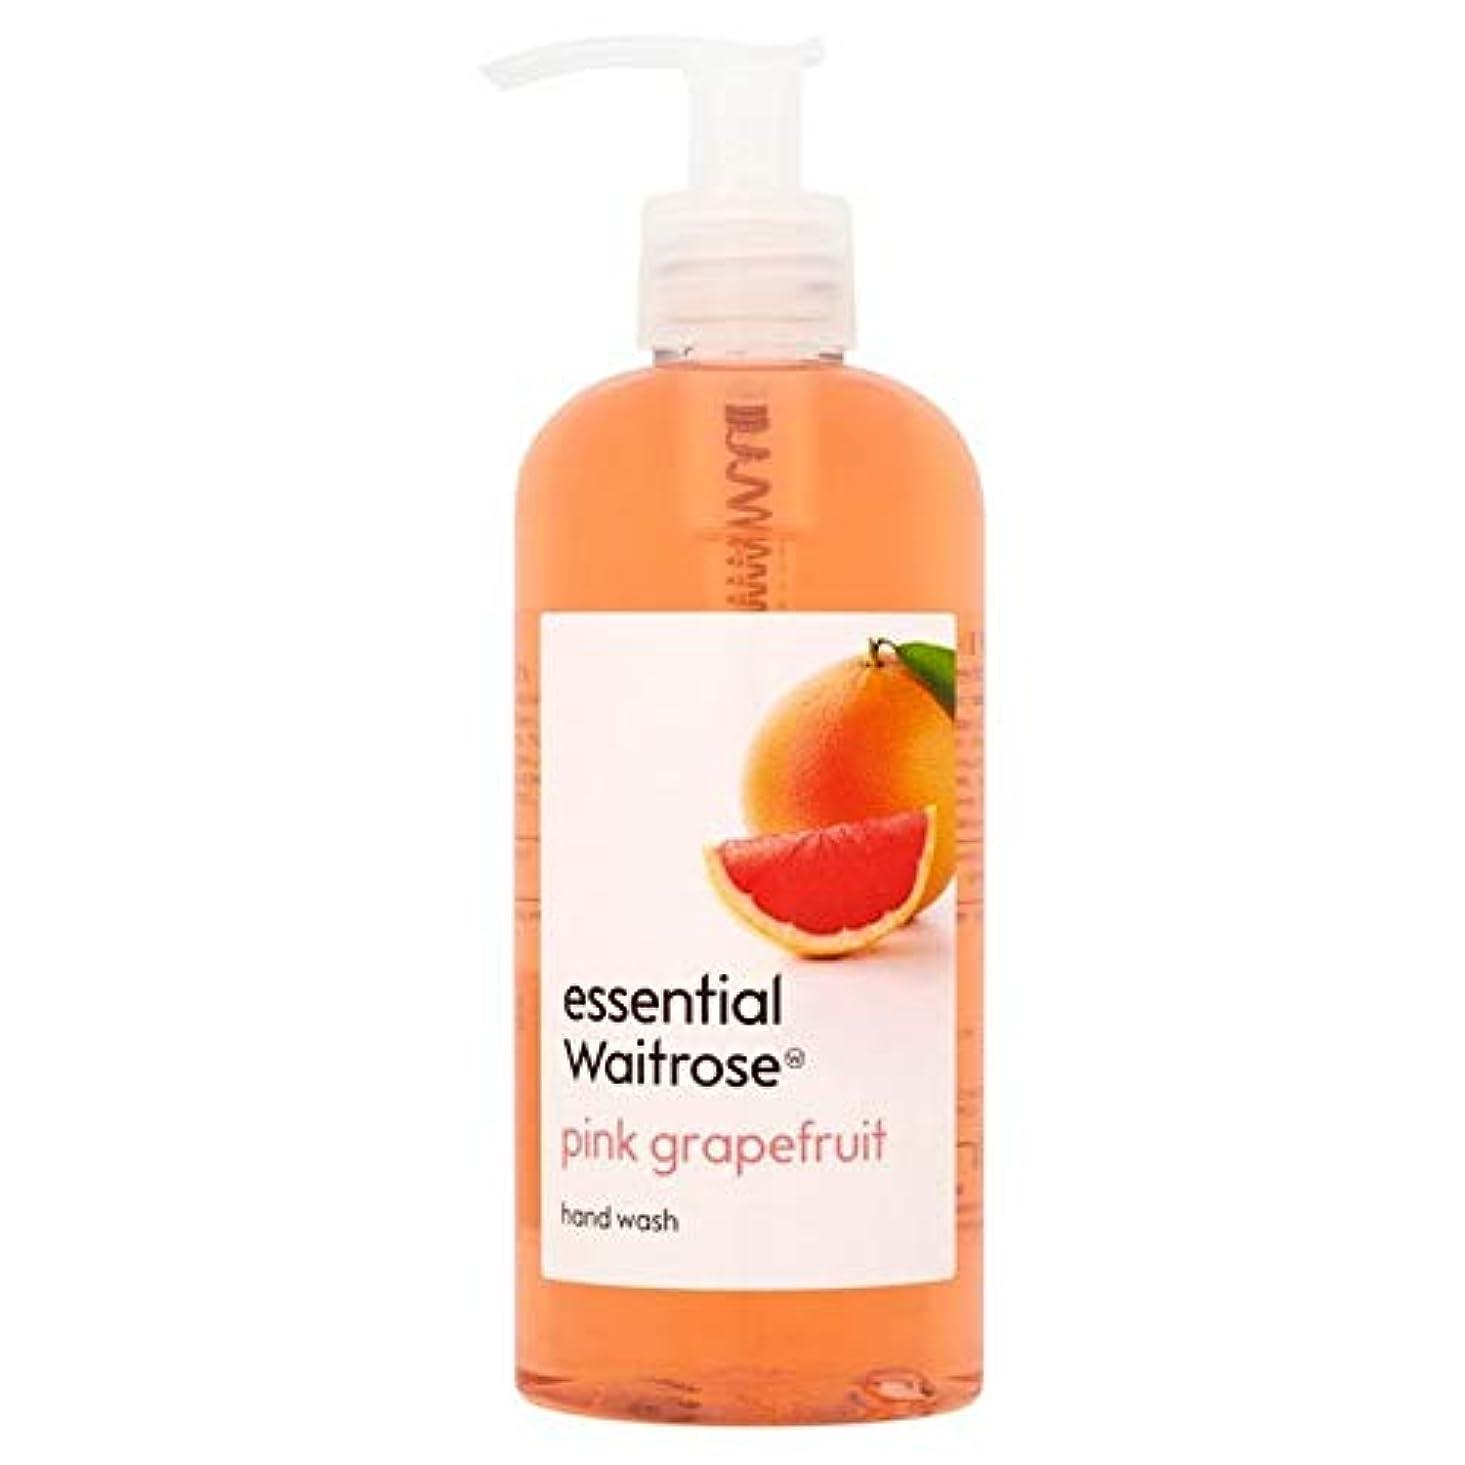 調整可能冗長富[Waitrose ] 基本的なウェイトローズのハンドウォッシュピンクグレープフルーツ300ミリリットル - Essential Waitrose Hand Wash Pink Grapefruit 300ml [並行輸入品]